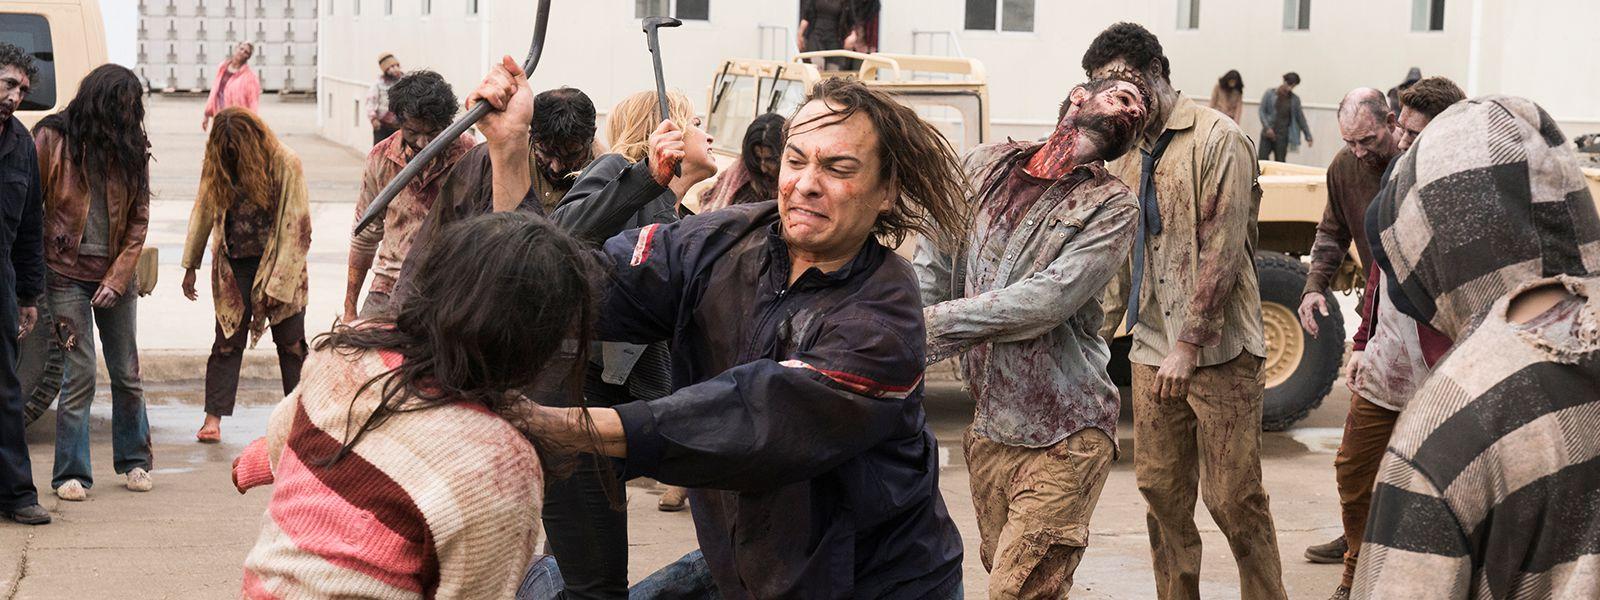 fear-the-walking-dead-episode-301-nick-dillane-post-800×600